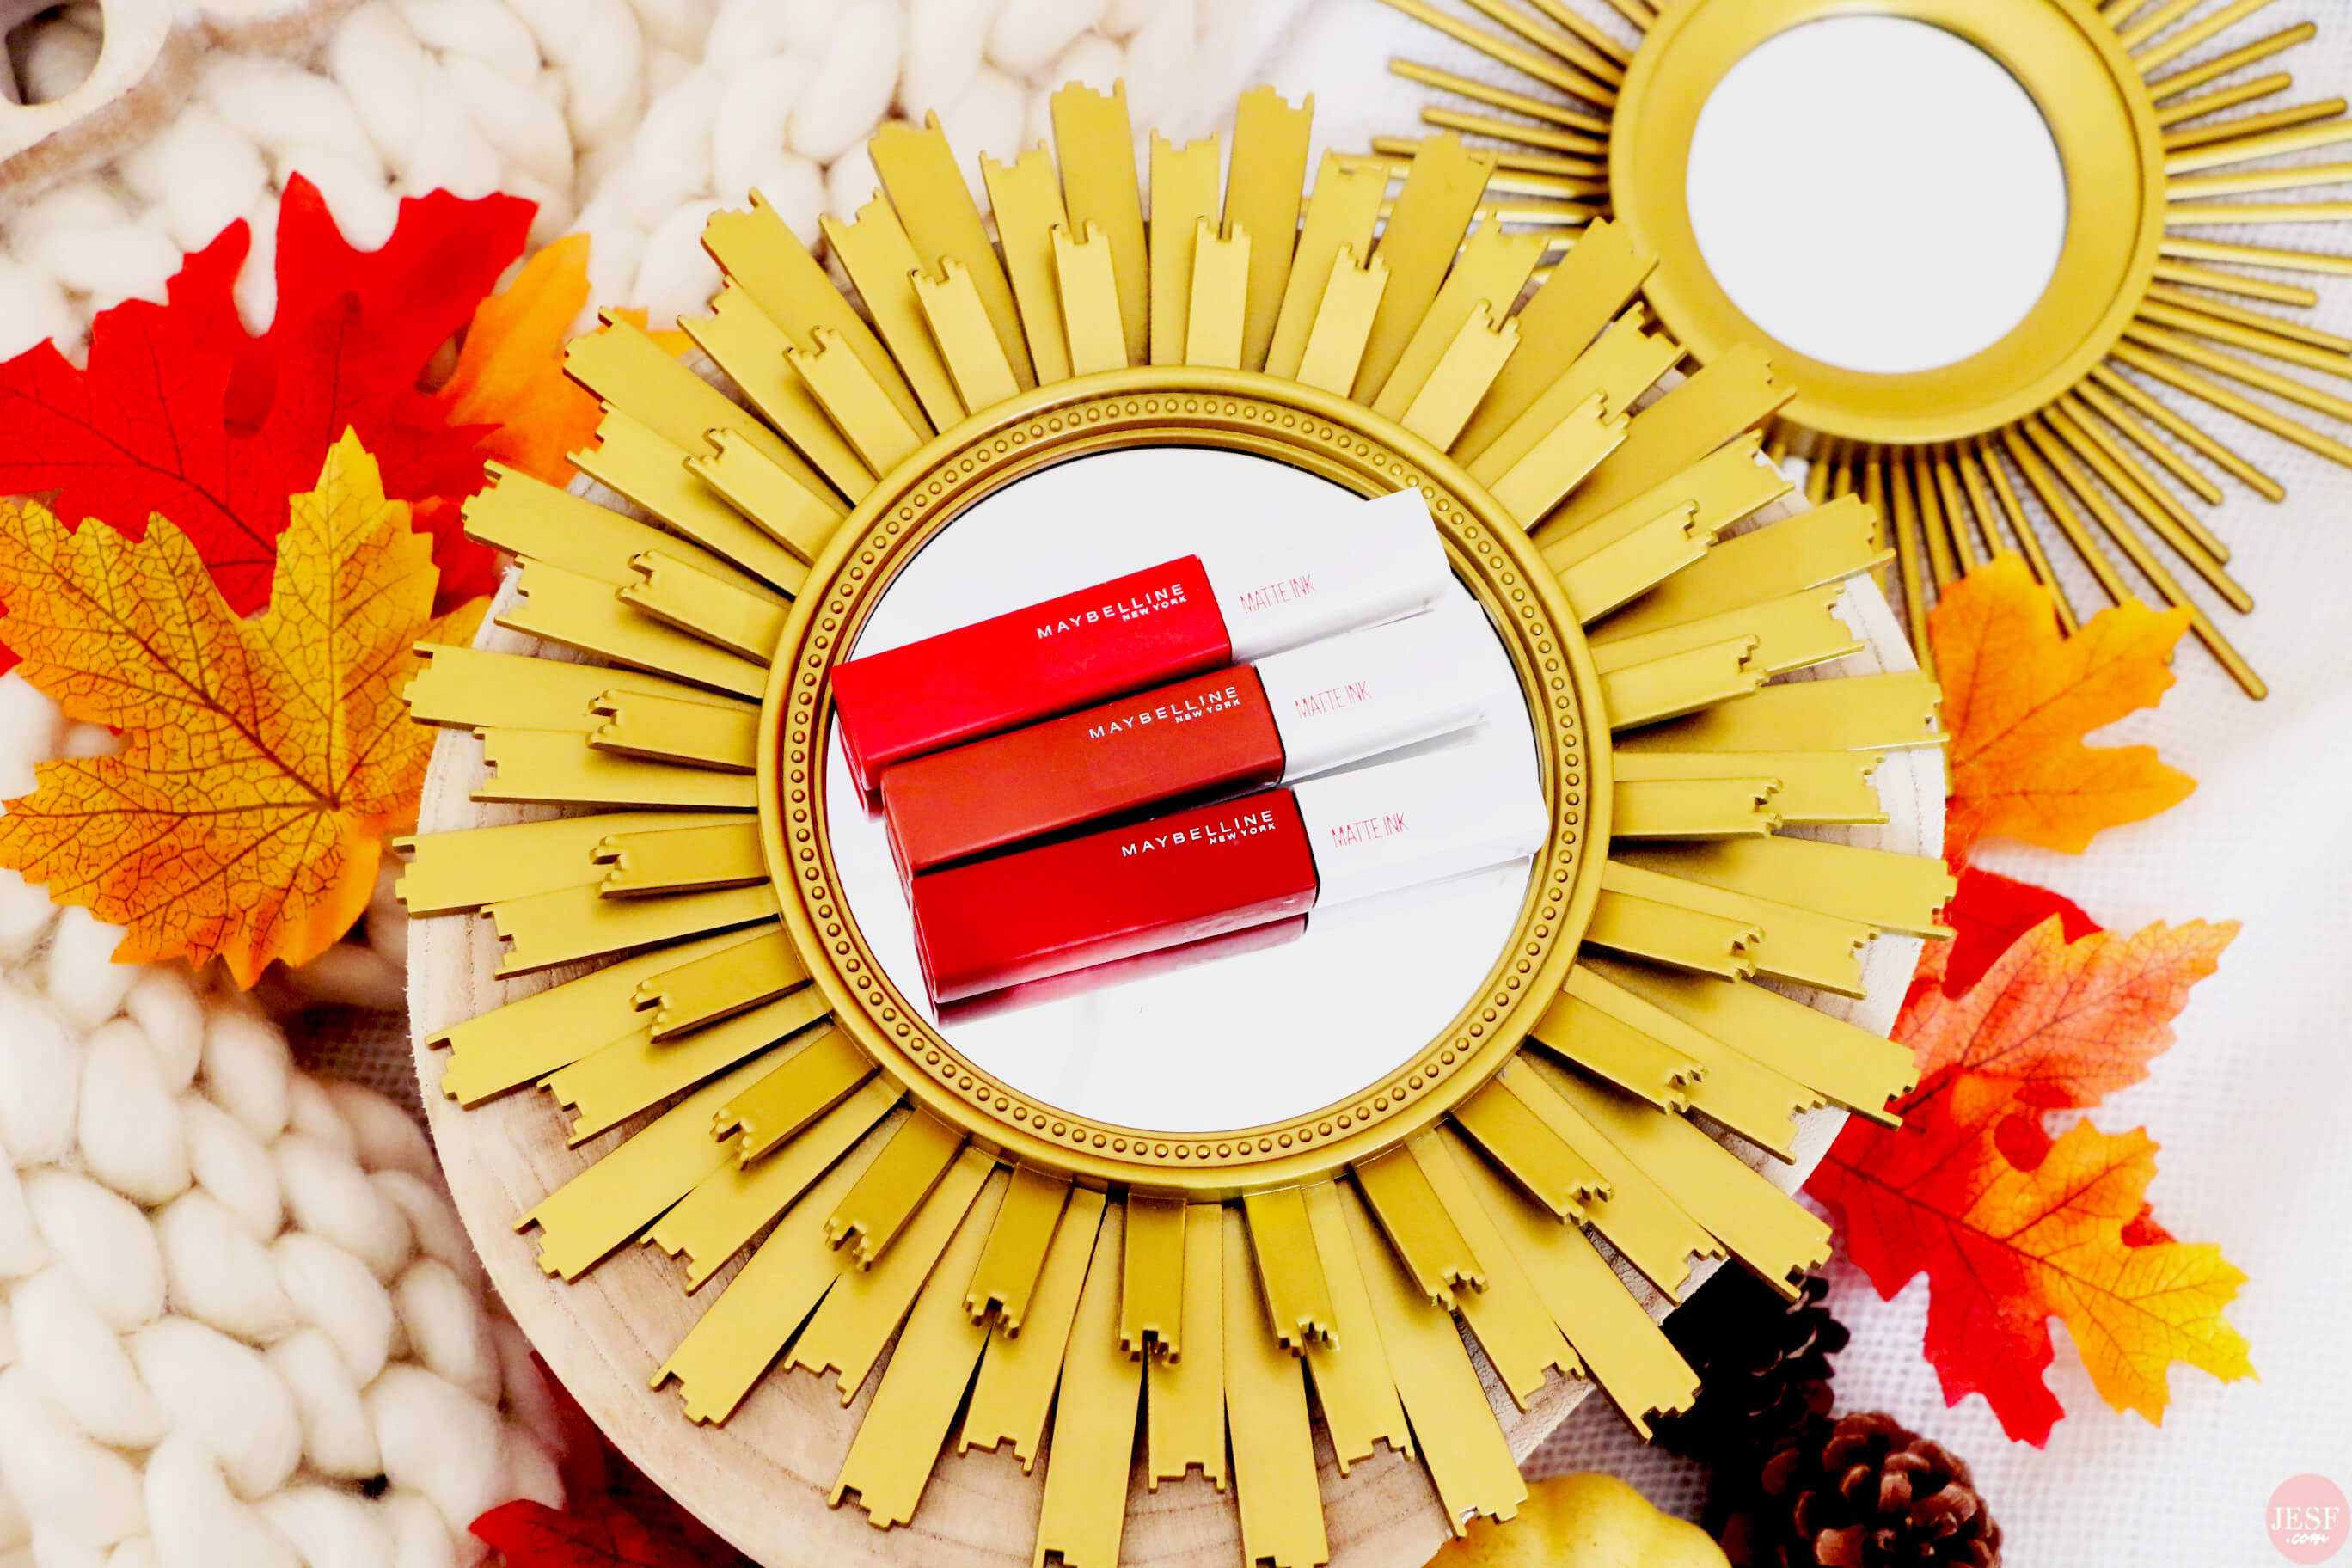 rouge-à-lèvres-matte-ink-superstar-maybelline